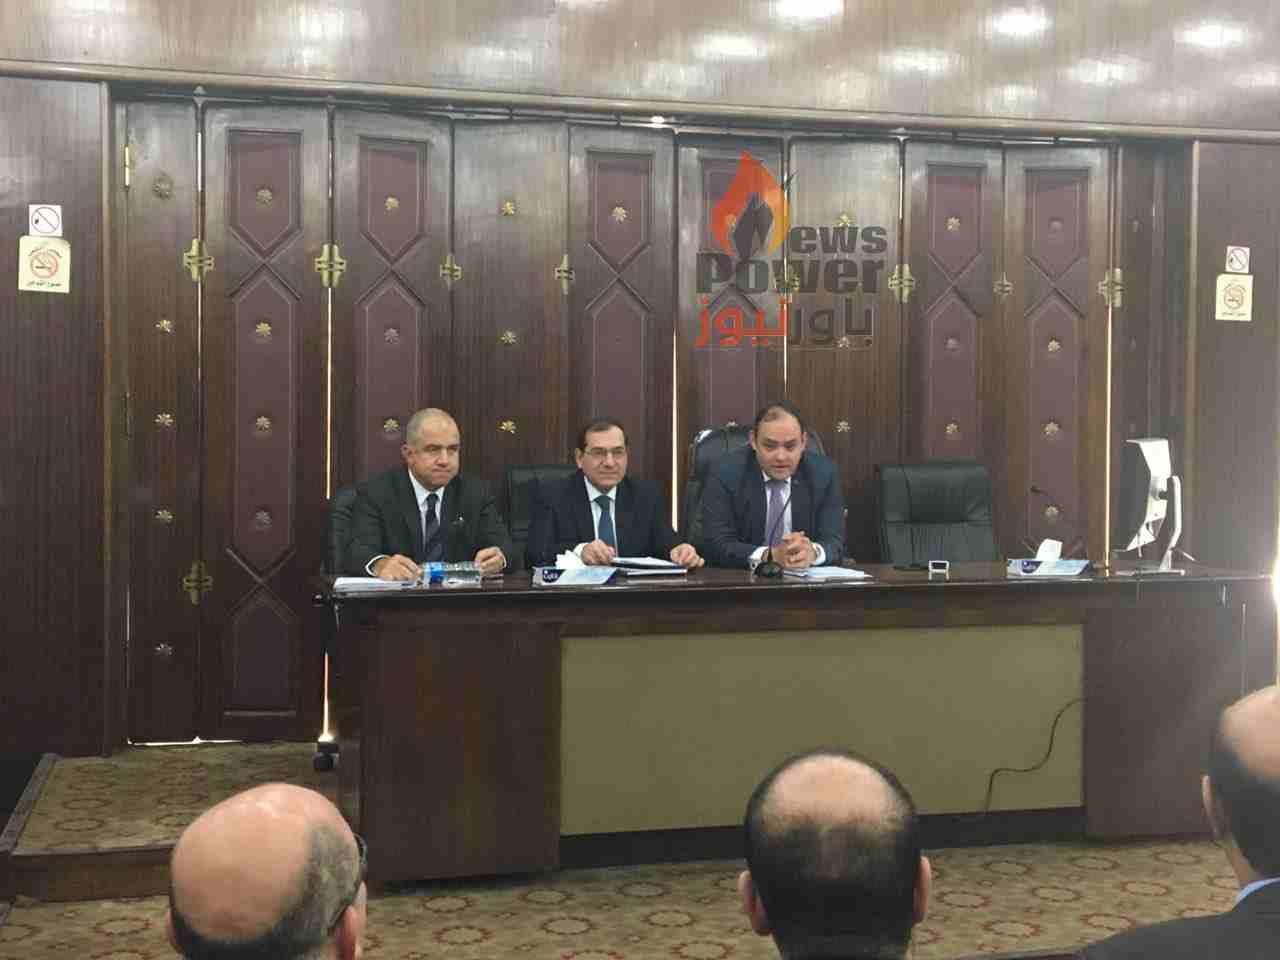 عاجل ..وزير البترول يتحدث الان امام لجنة الصناعة بمجلس النواب عن  سرقات الذهب من المناجم وانشطة الثروة المعدنية فى مصر